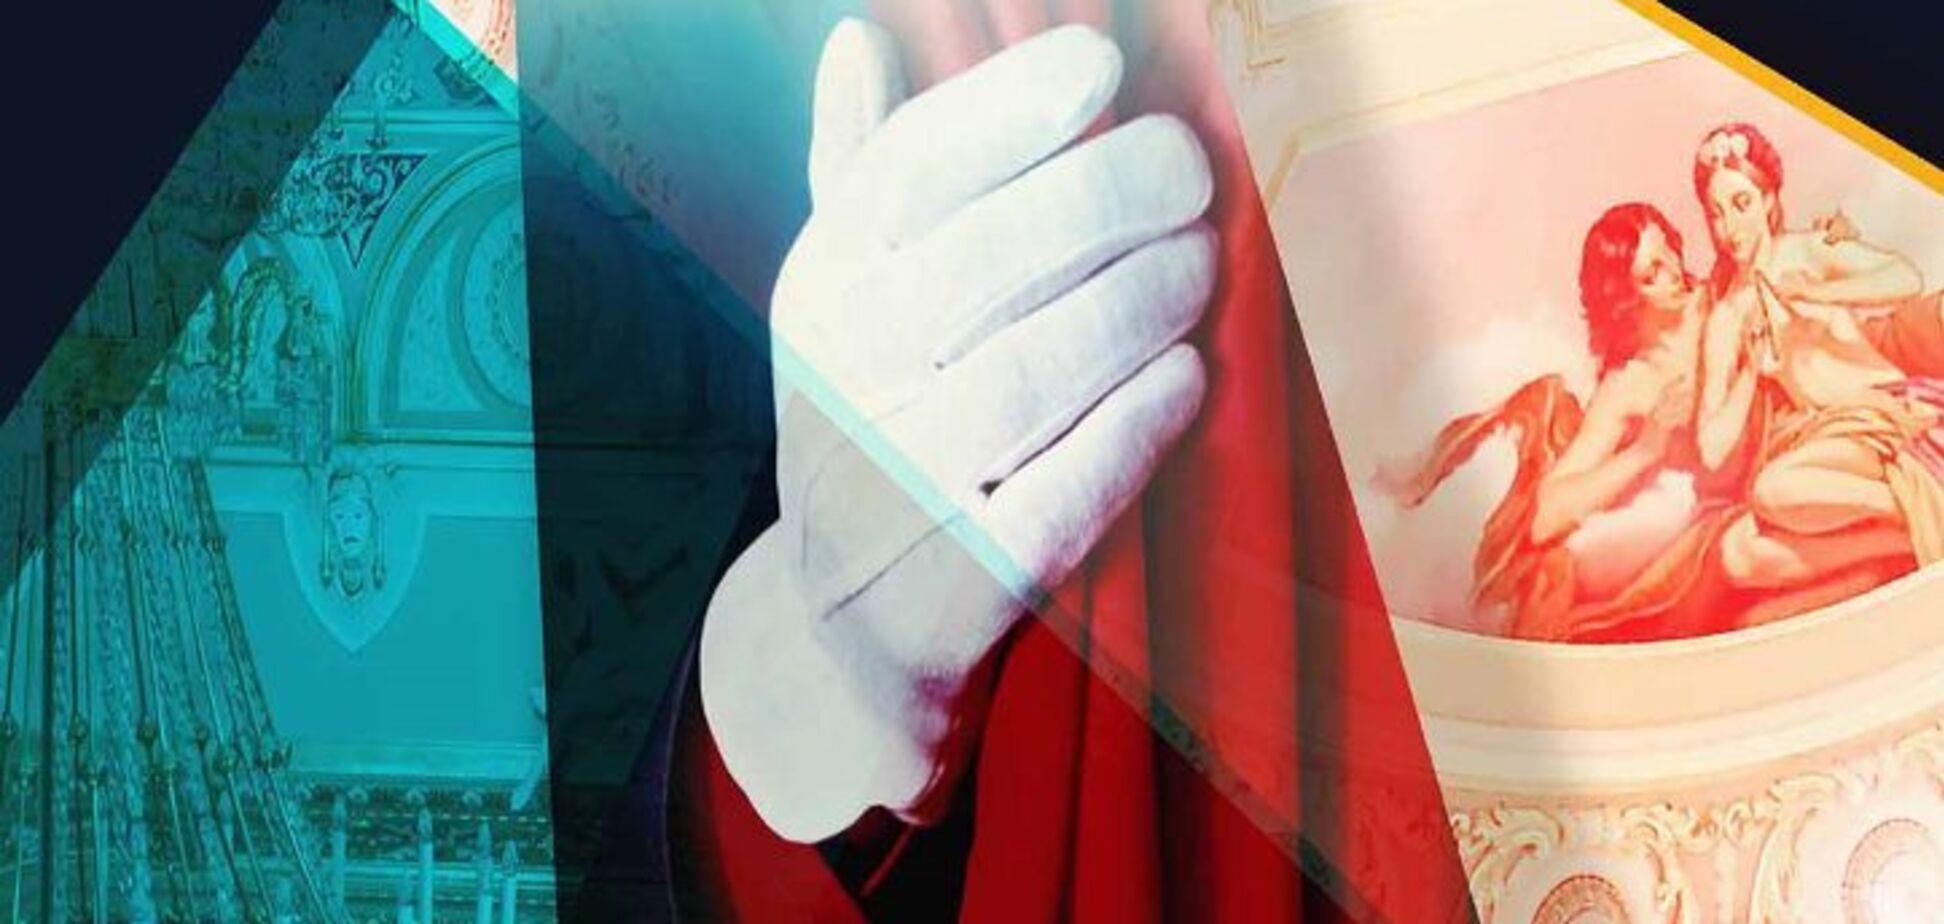 14 и 15 мая состоится концерт открытия главной сцены Национальной оперетты Украины